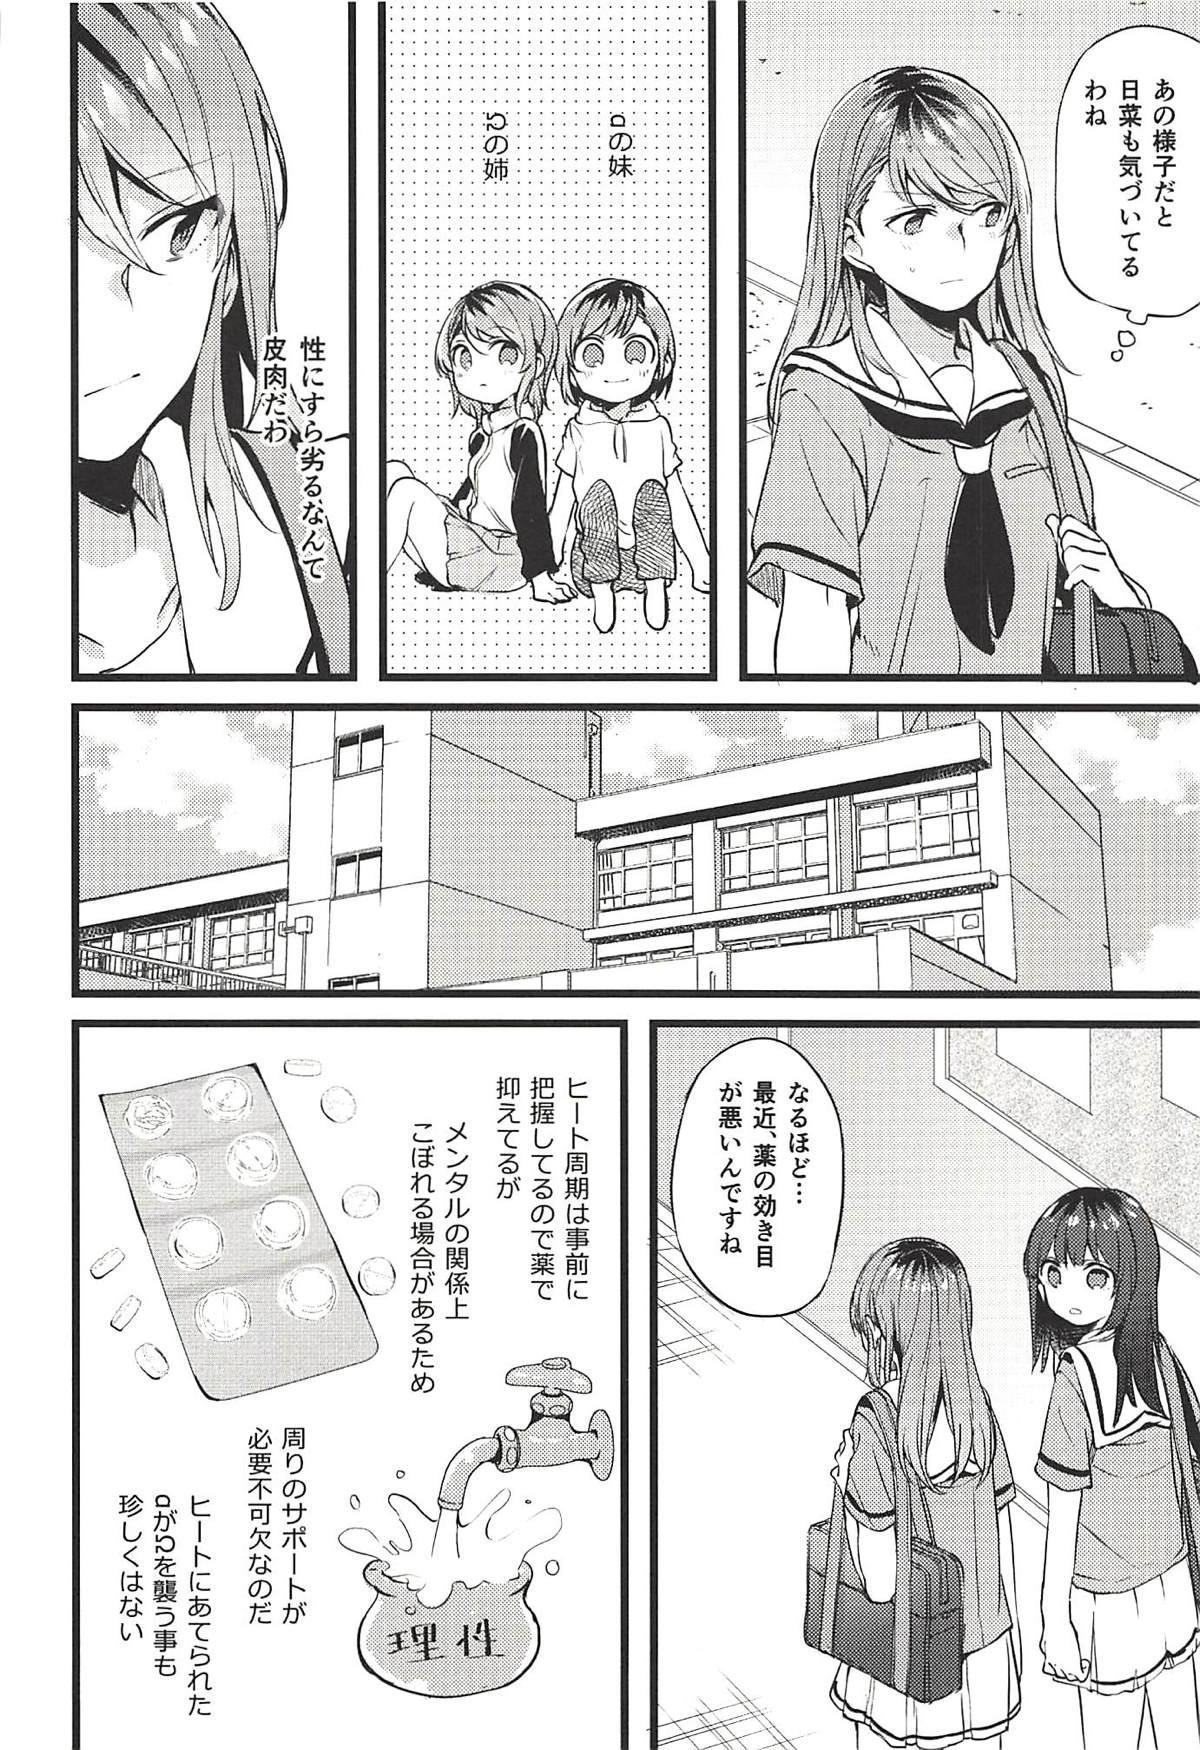 Kimi no Koi wa Watashi no Koi 6